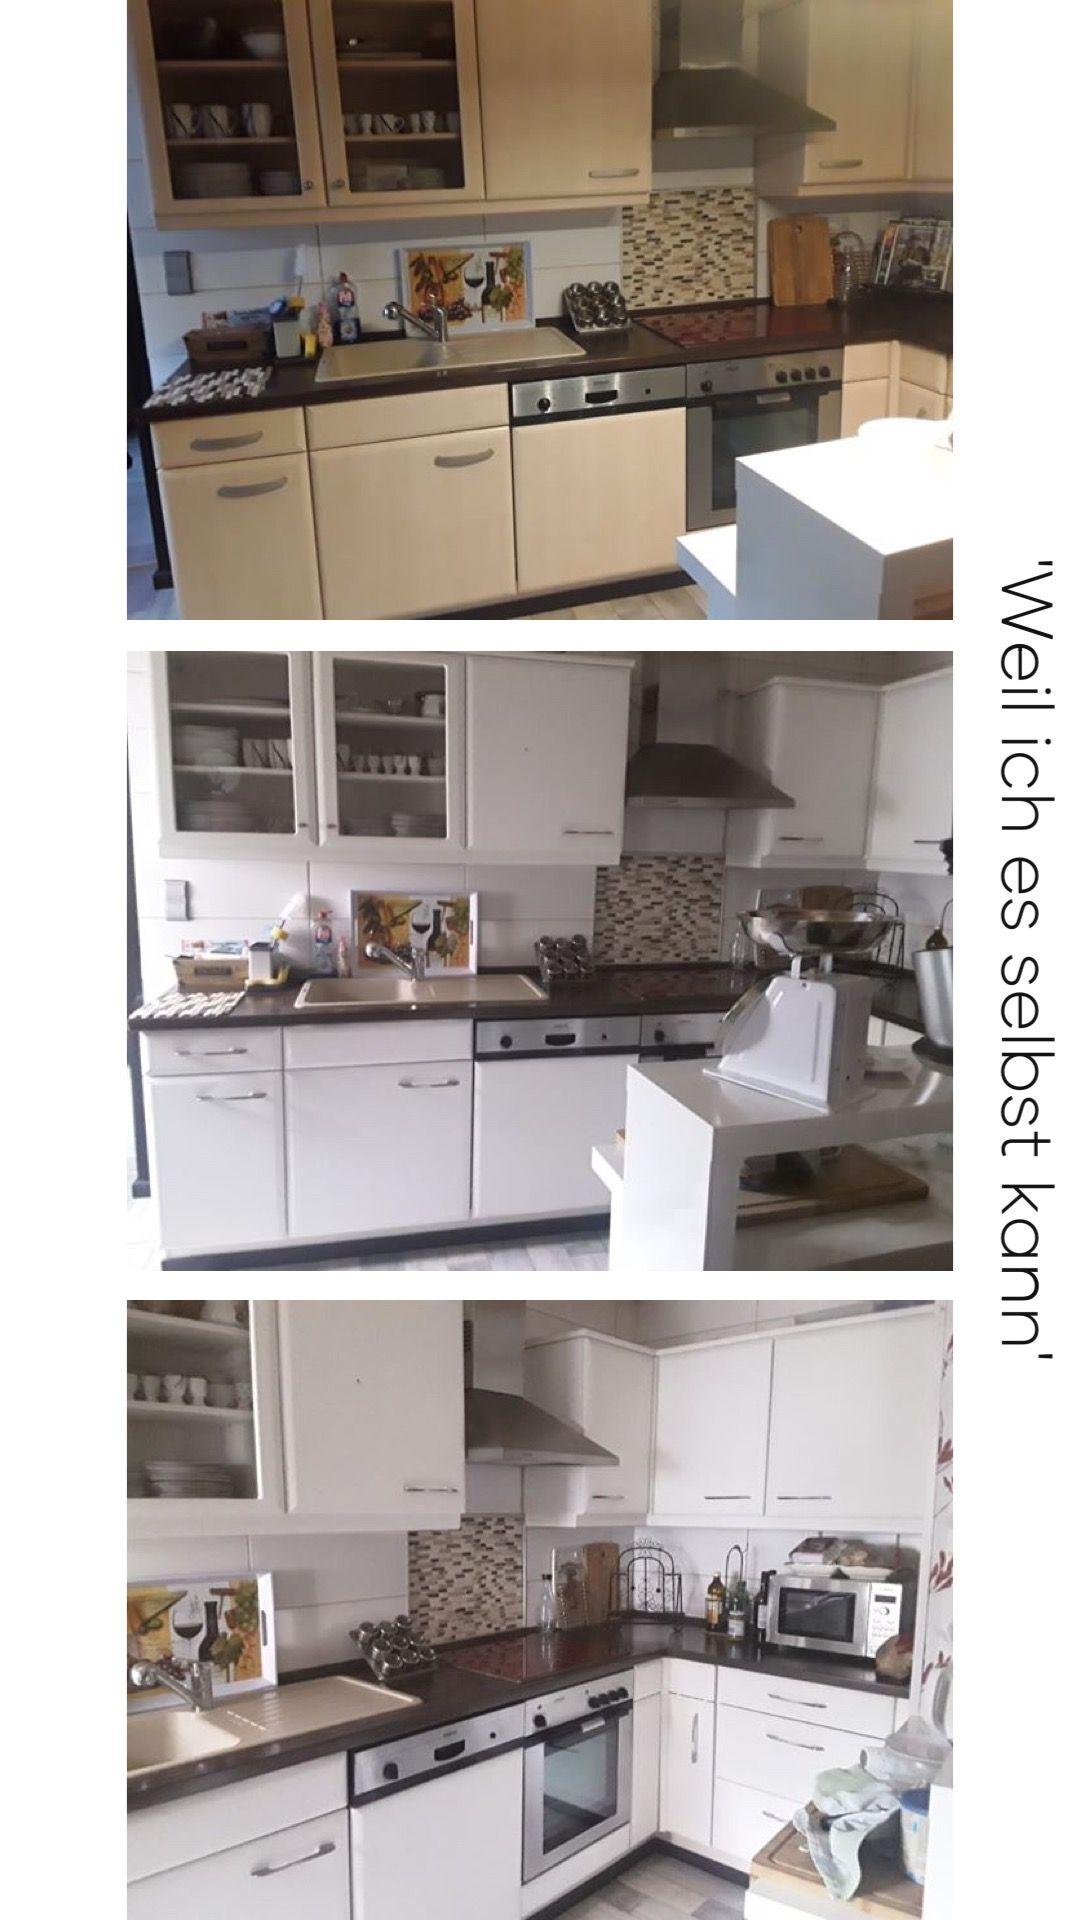 Küche Streichen Mit Kreidefarbe Und Kreidelacken Misspompadour Küchen Streichen Küchen Renovieren Ideen Umbau Kleiner Küche